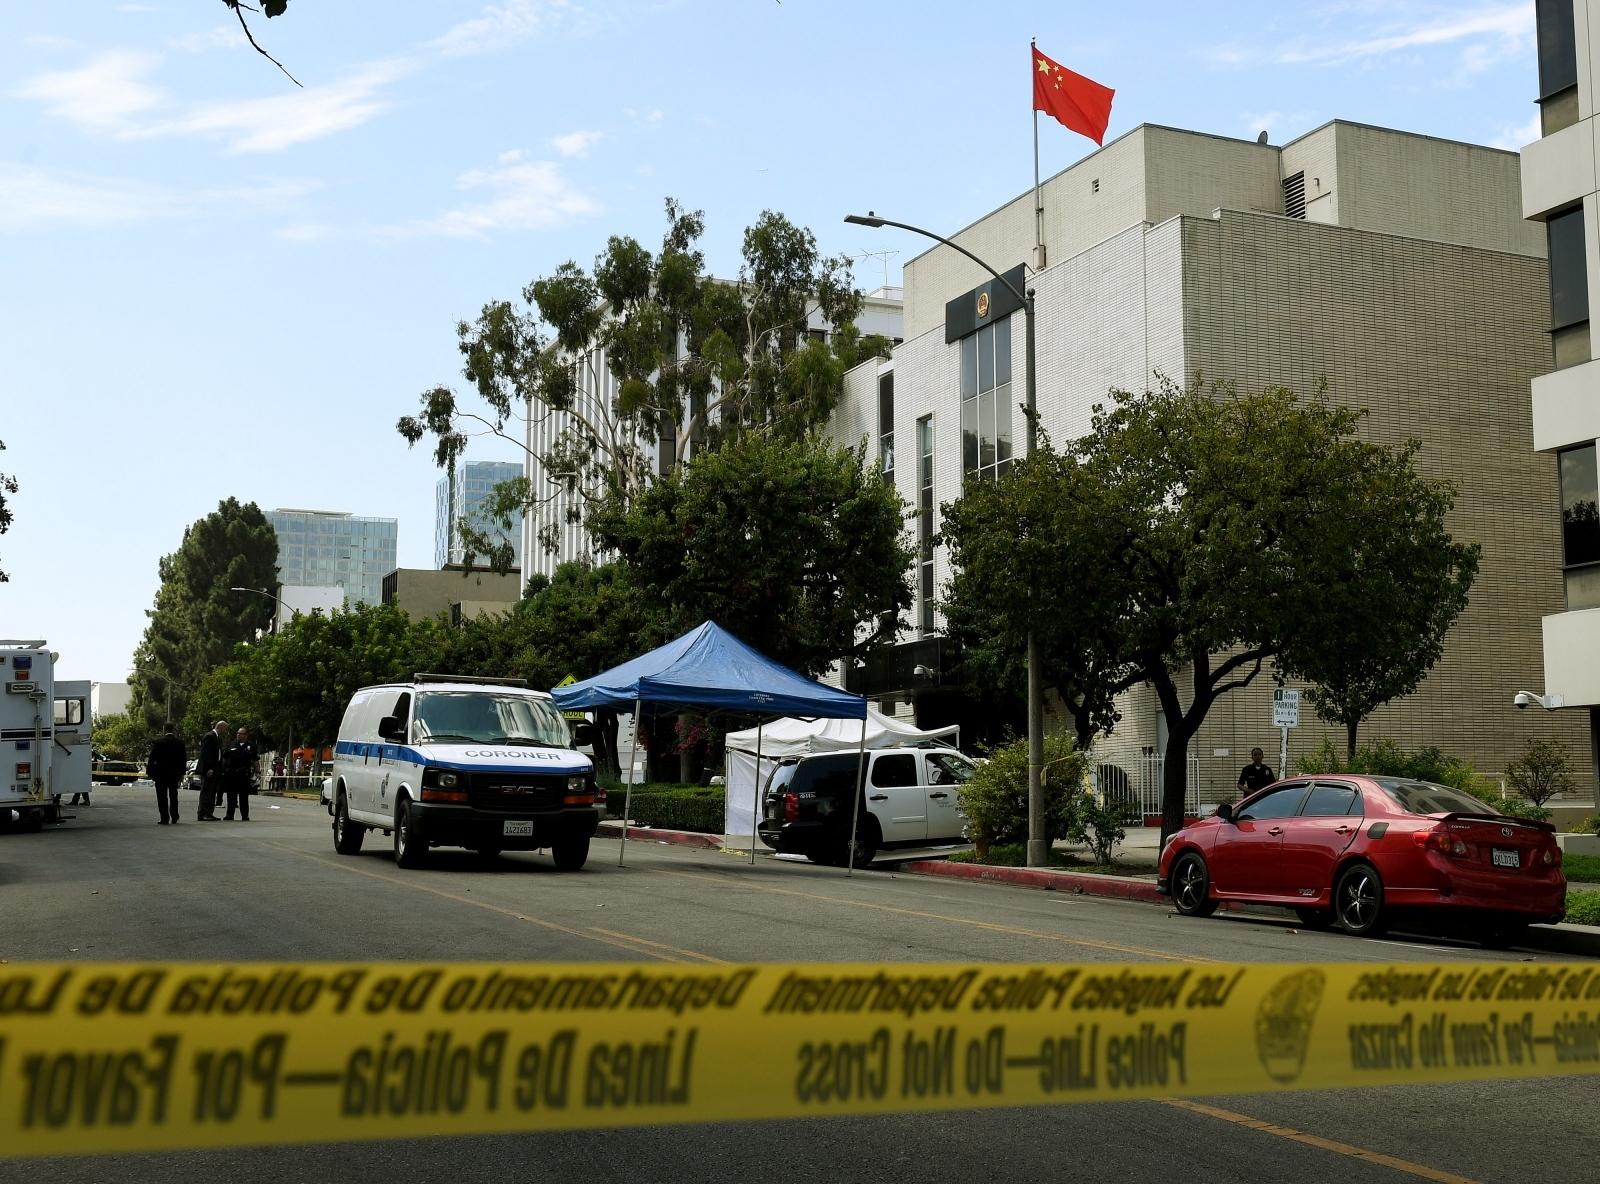 Us-China-Crime-Shooting